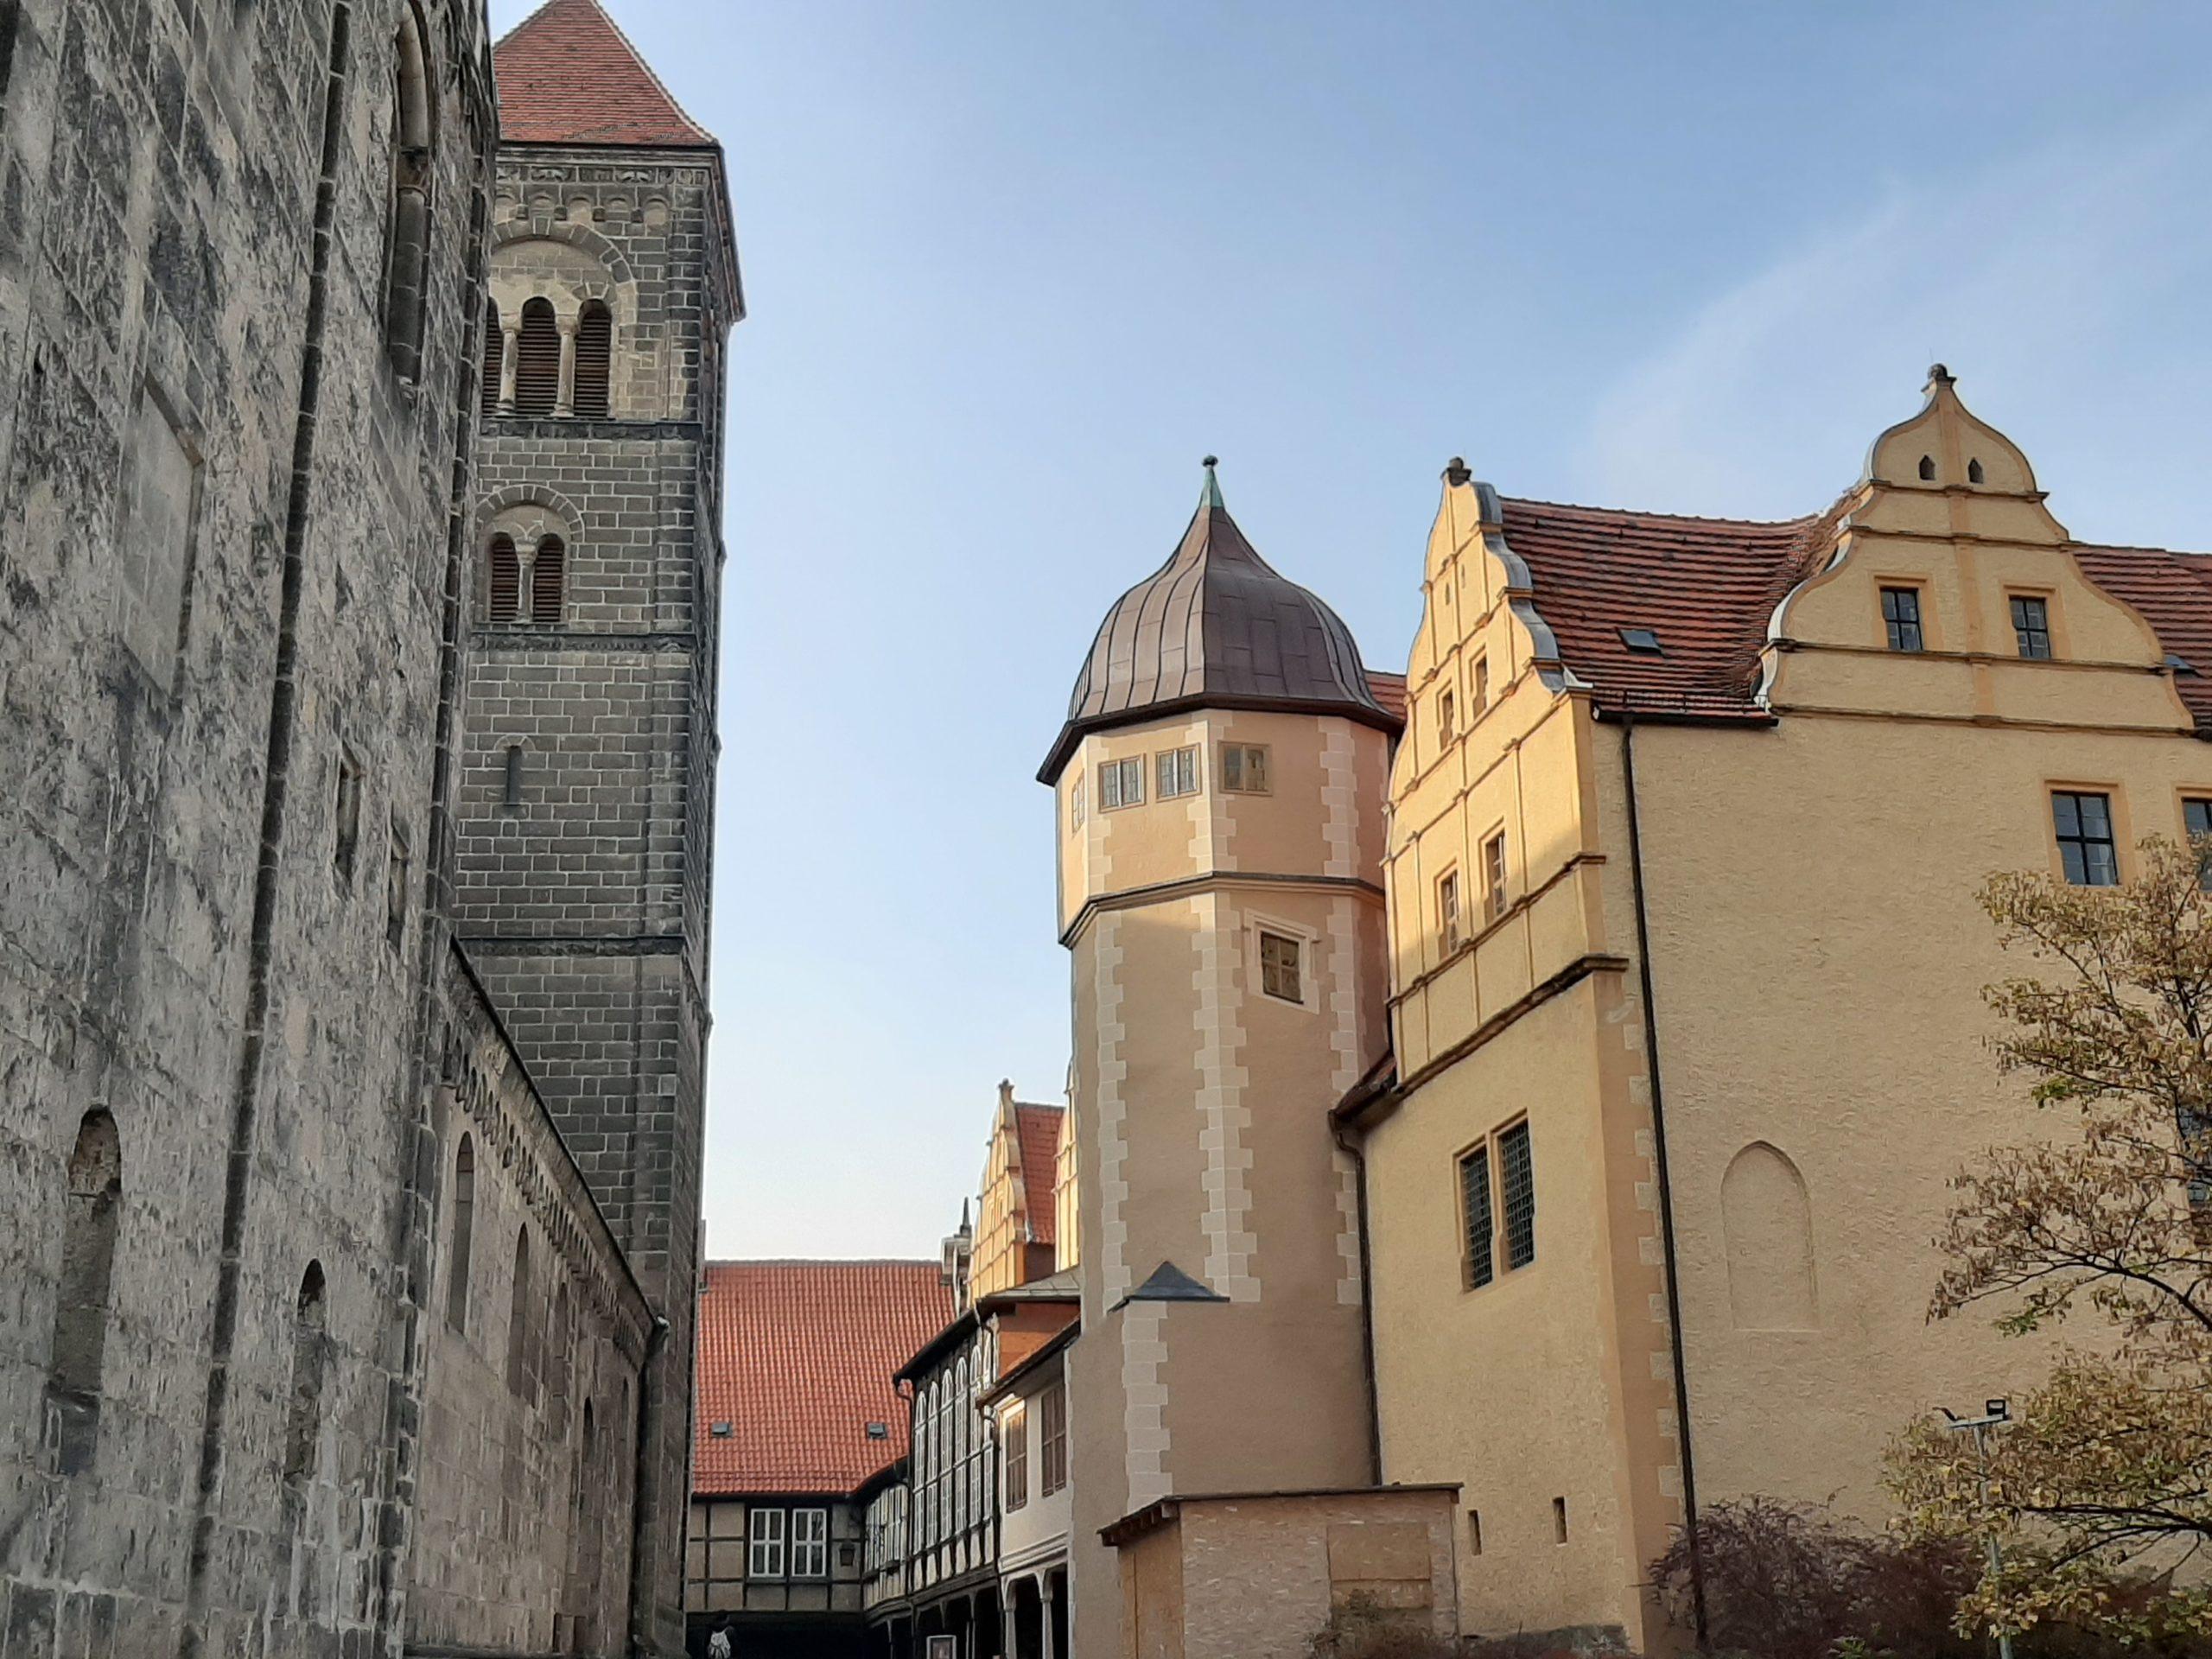 FrauenOrt Damenstift Quedlinburg Blick auf Schloss und Stiftskirche St. Servatii